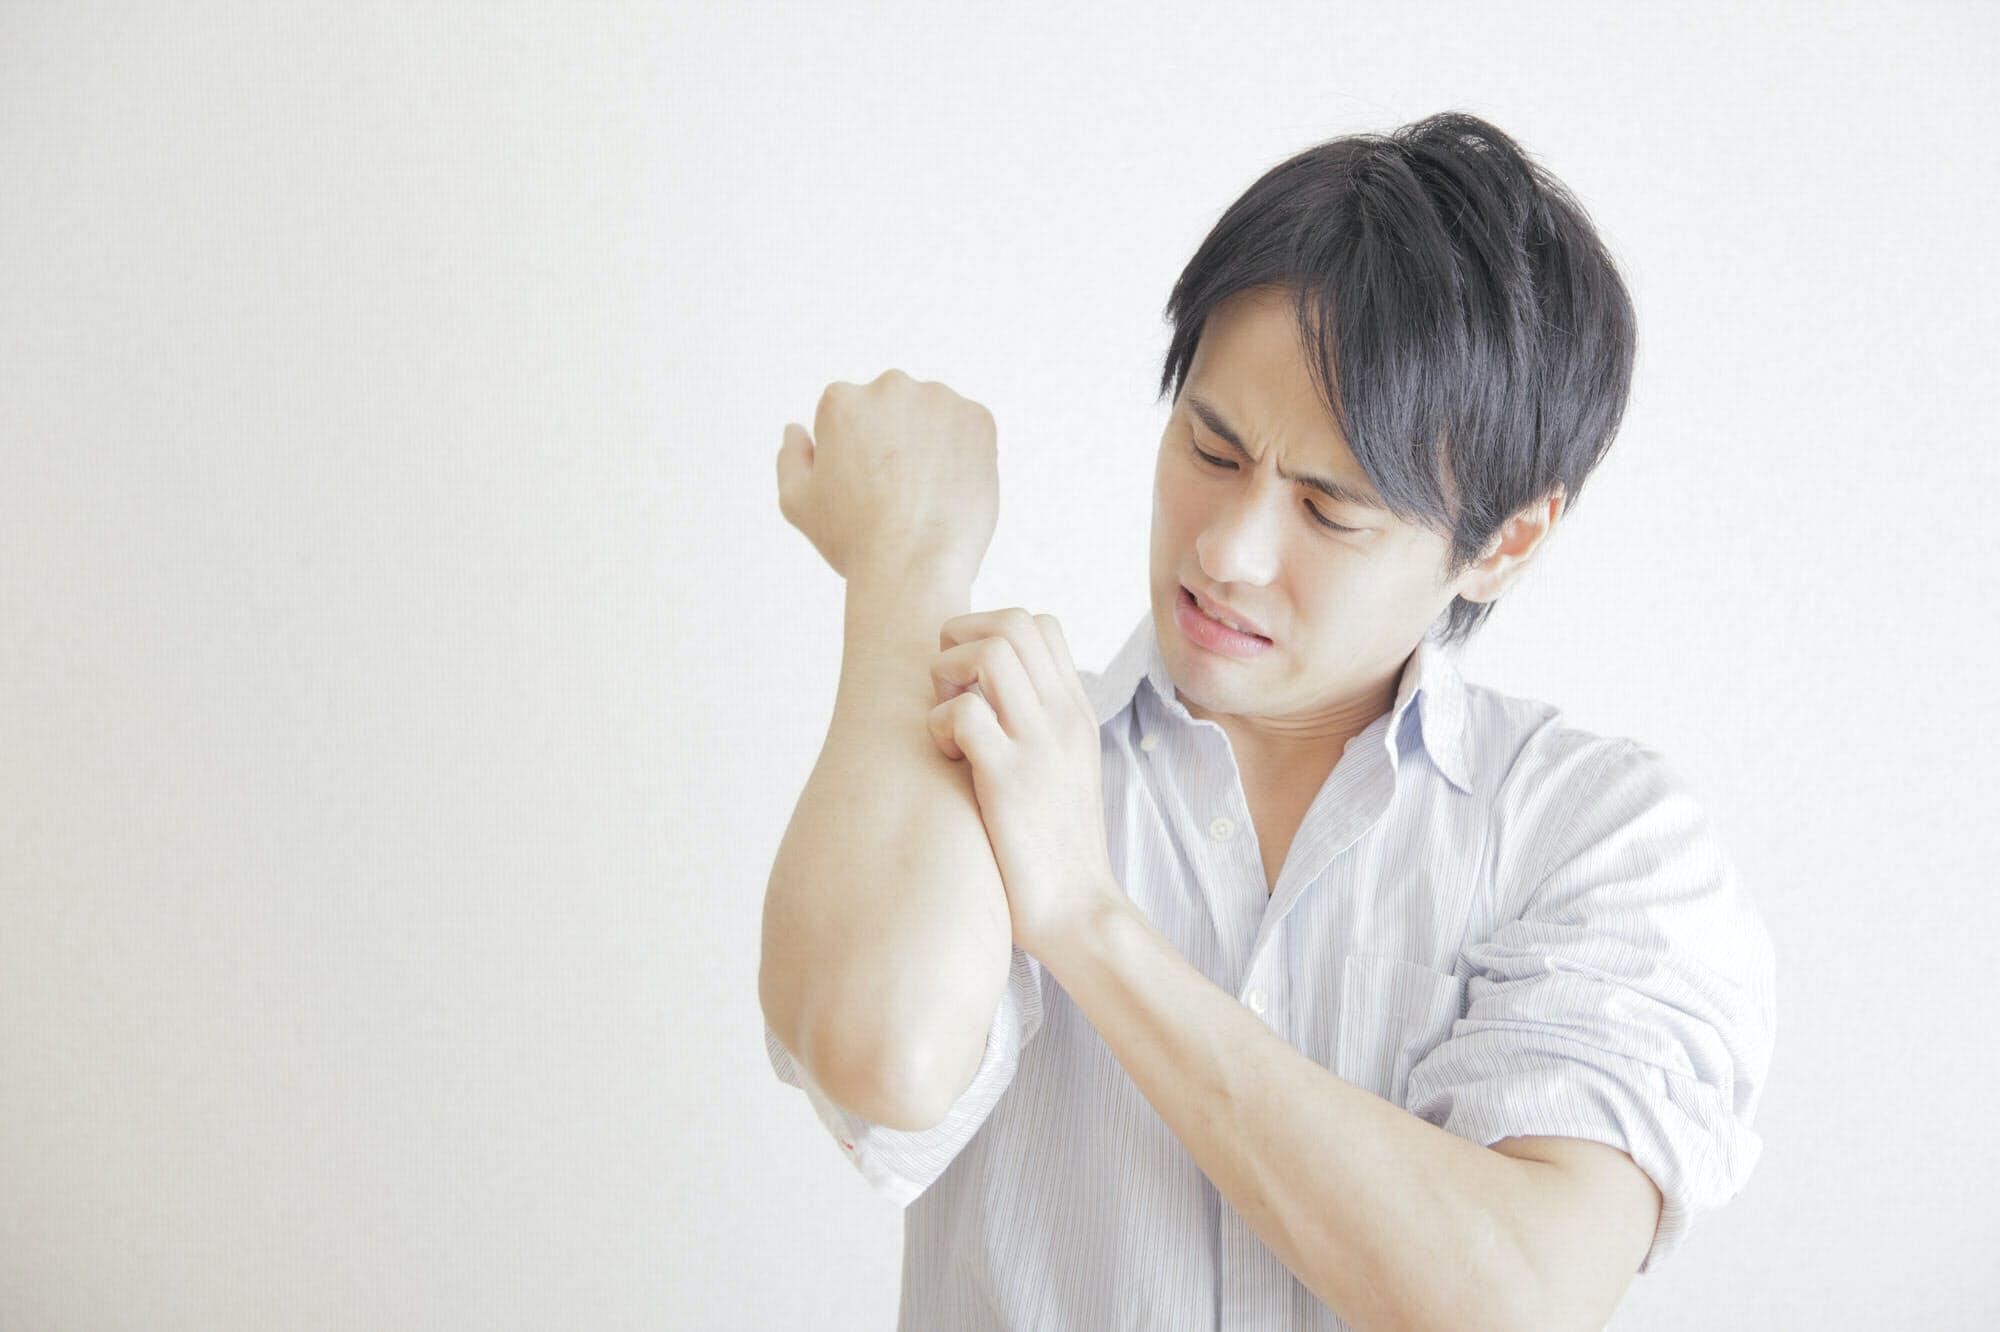 ヒスタミン 中毒 治療